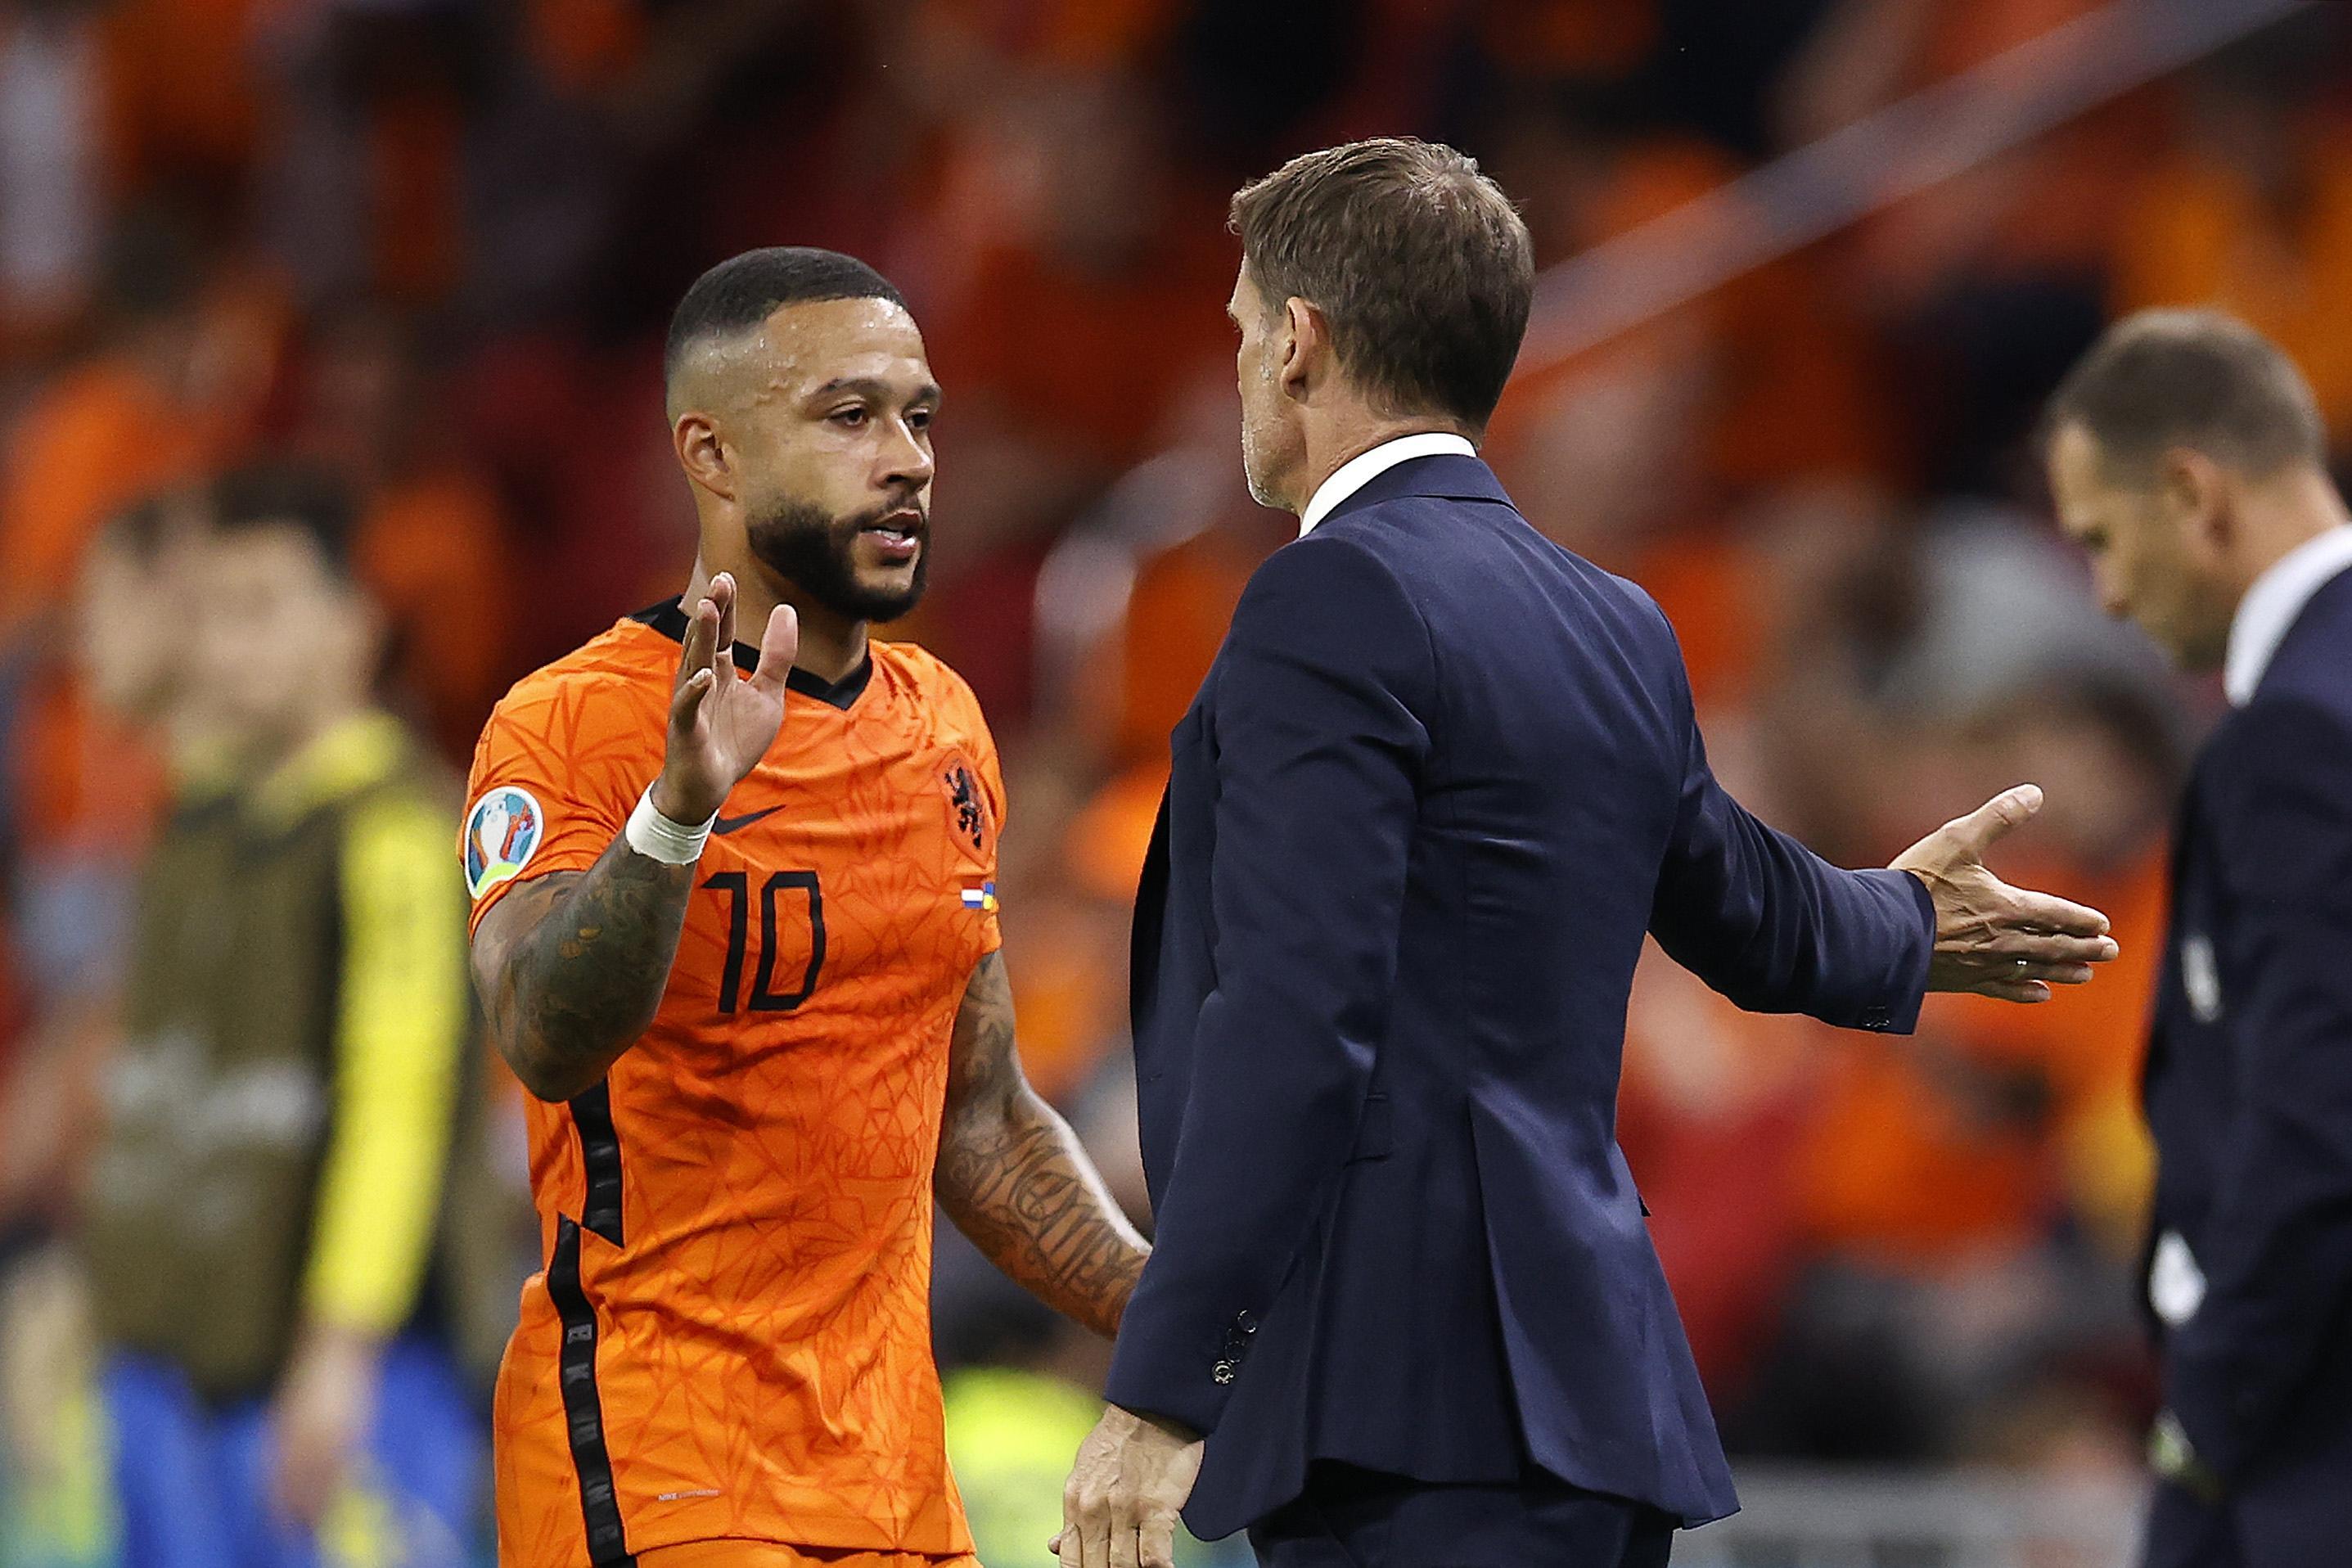 Depay neemt risico, dat is bekend. Bij balverlies moet het Nederlands elftal beter reageren, oordeelt Frank de Boer